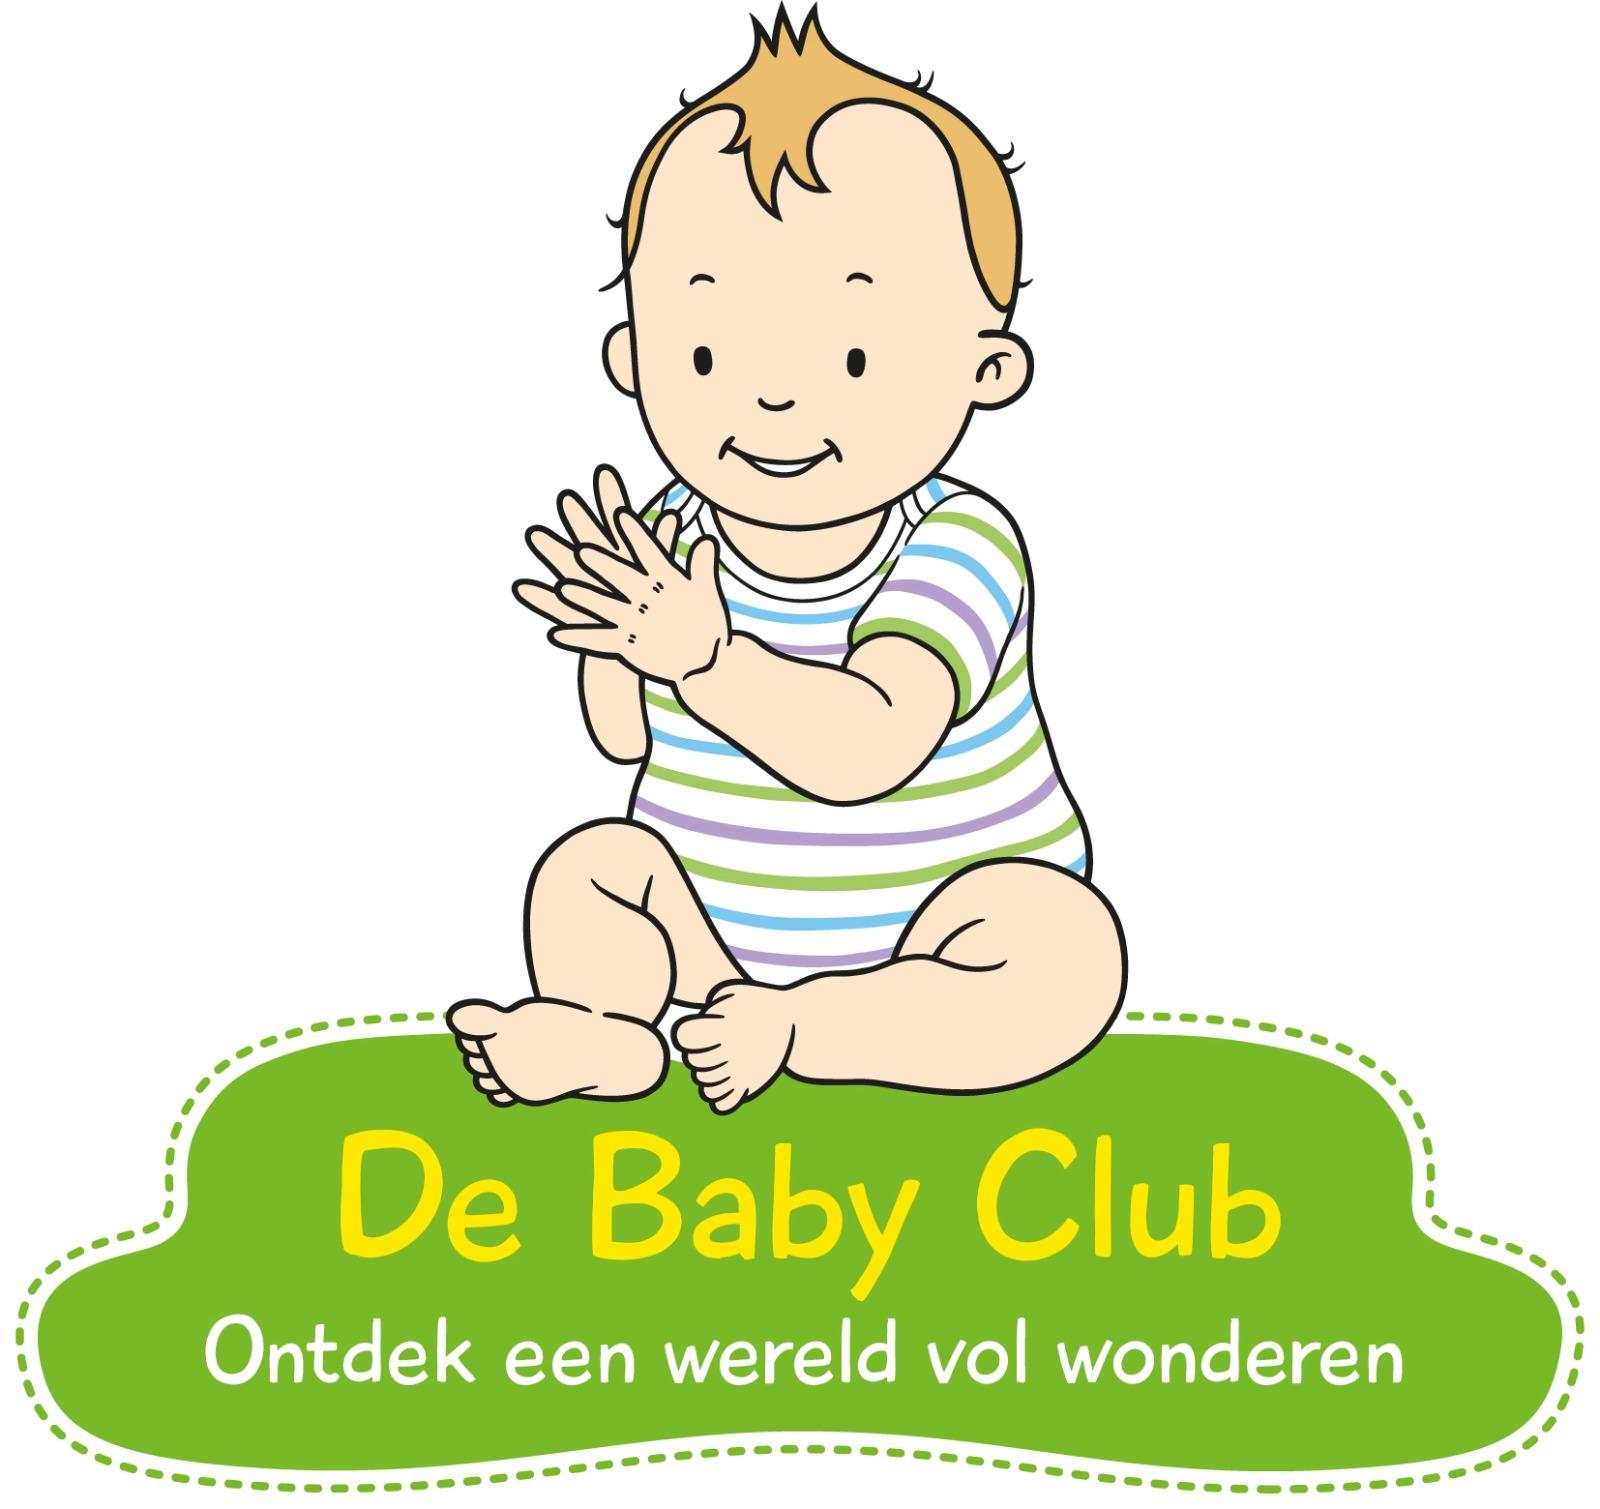 De baby club